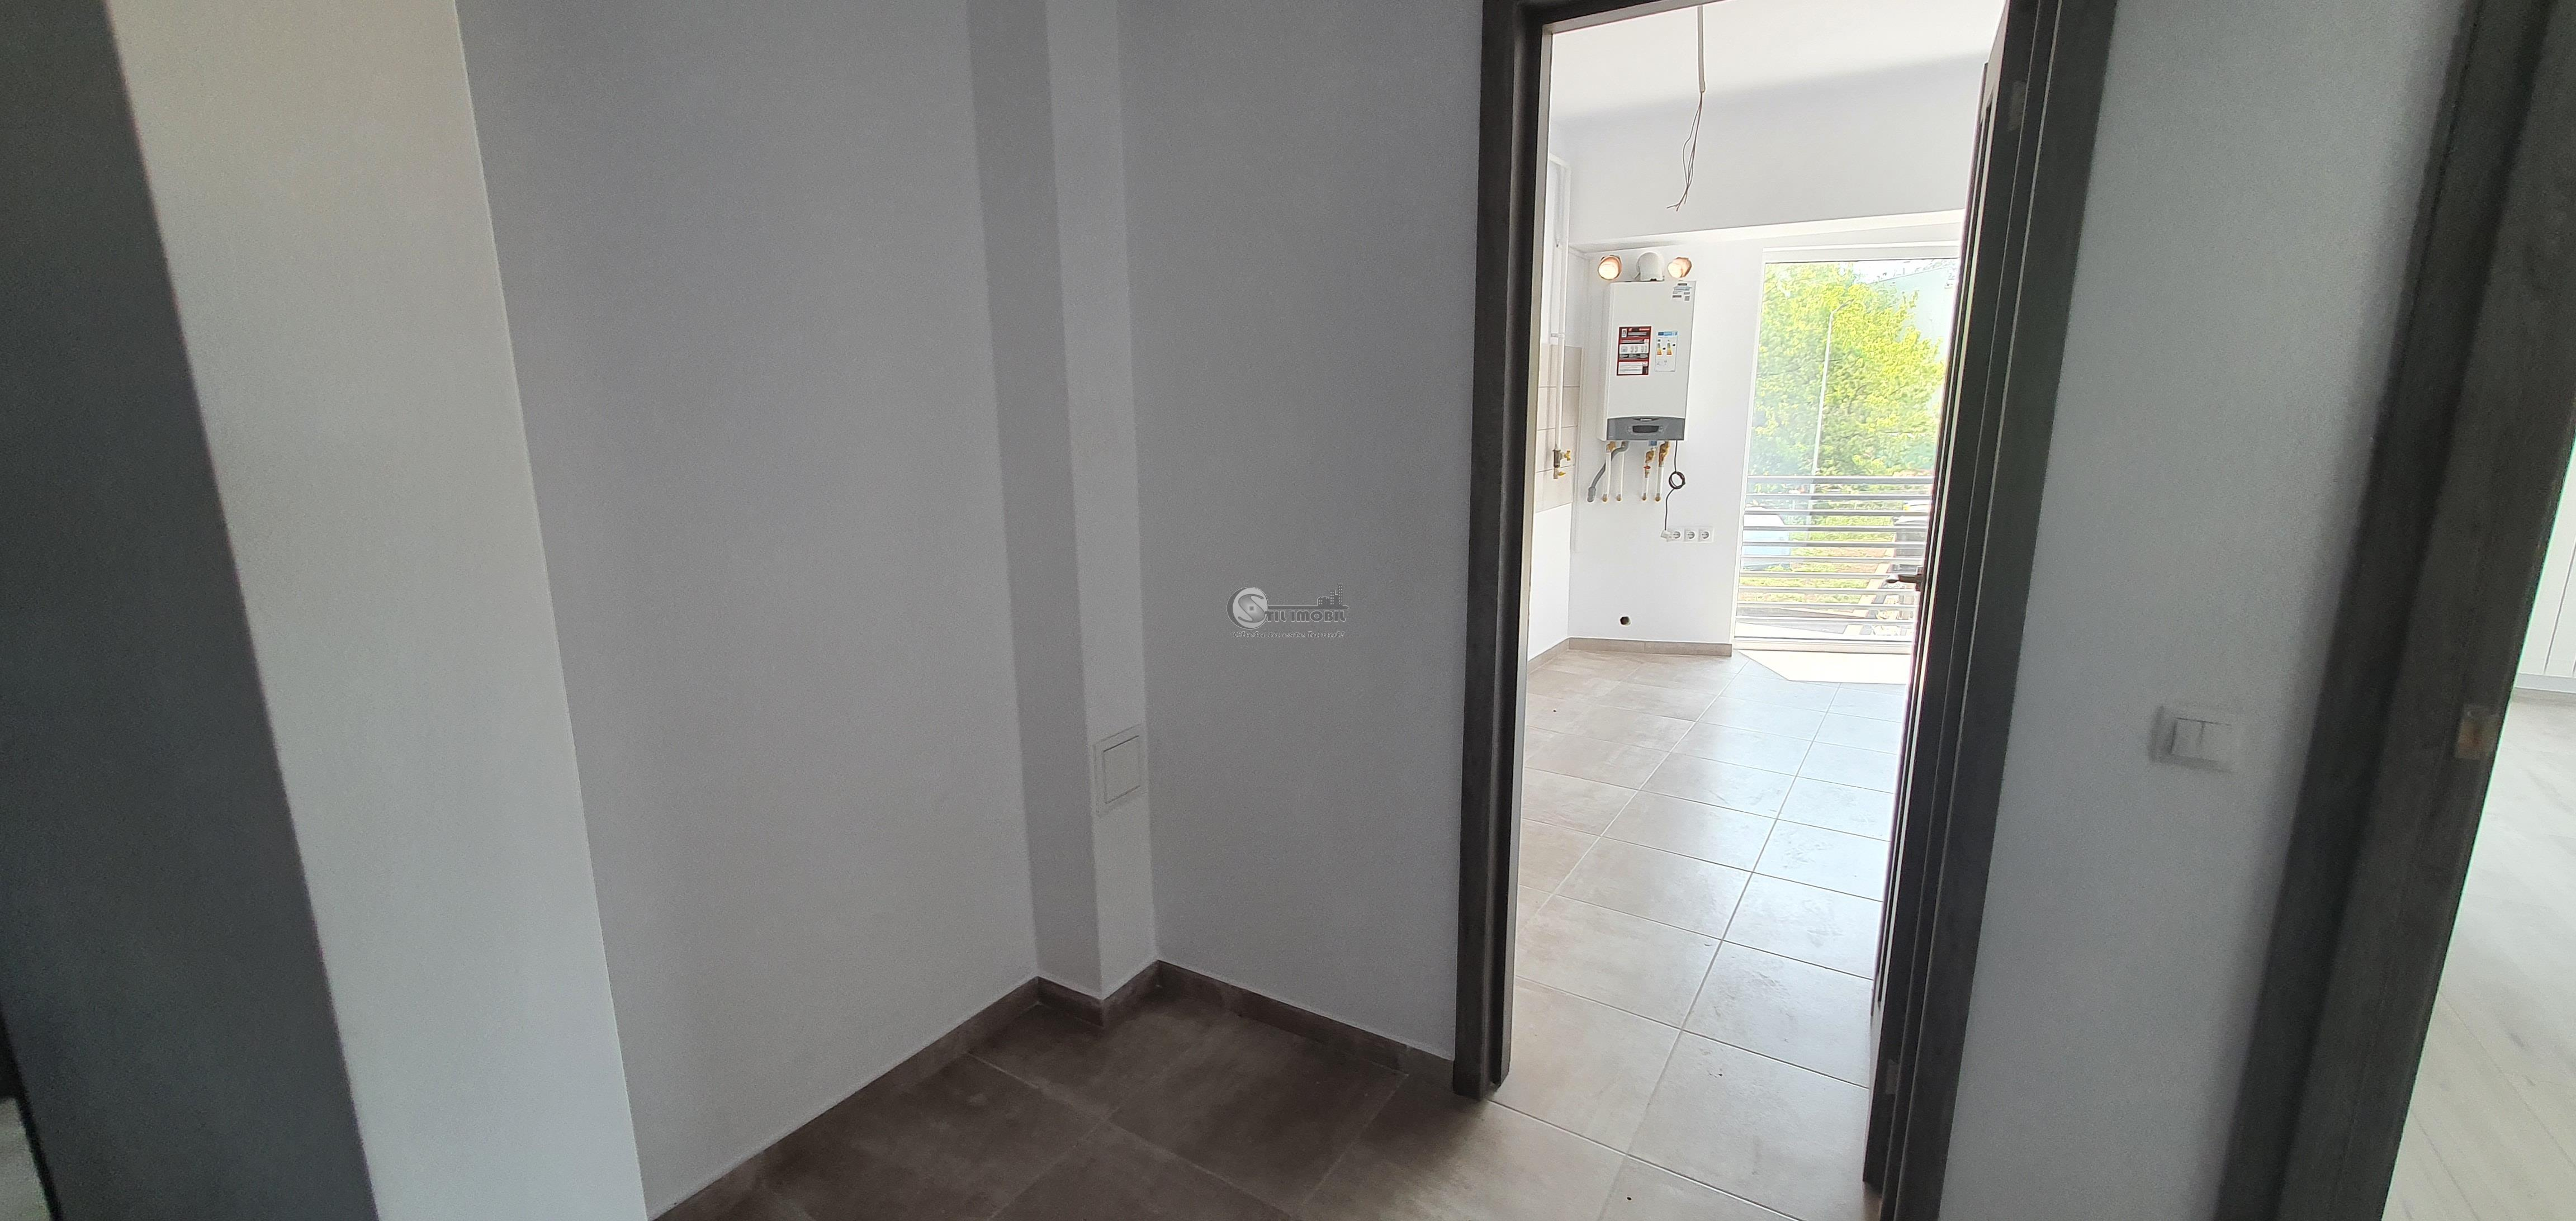 Apartament 3 camere,NOU, 74.3mp, Tatarasi, Finalizat!